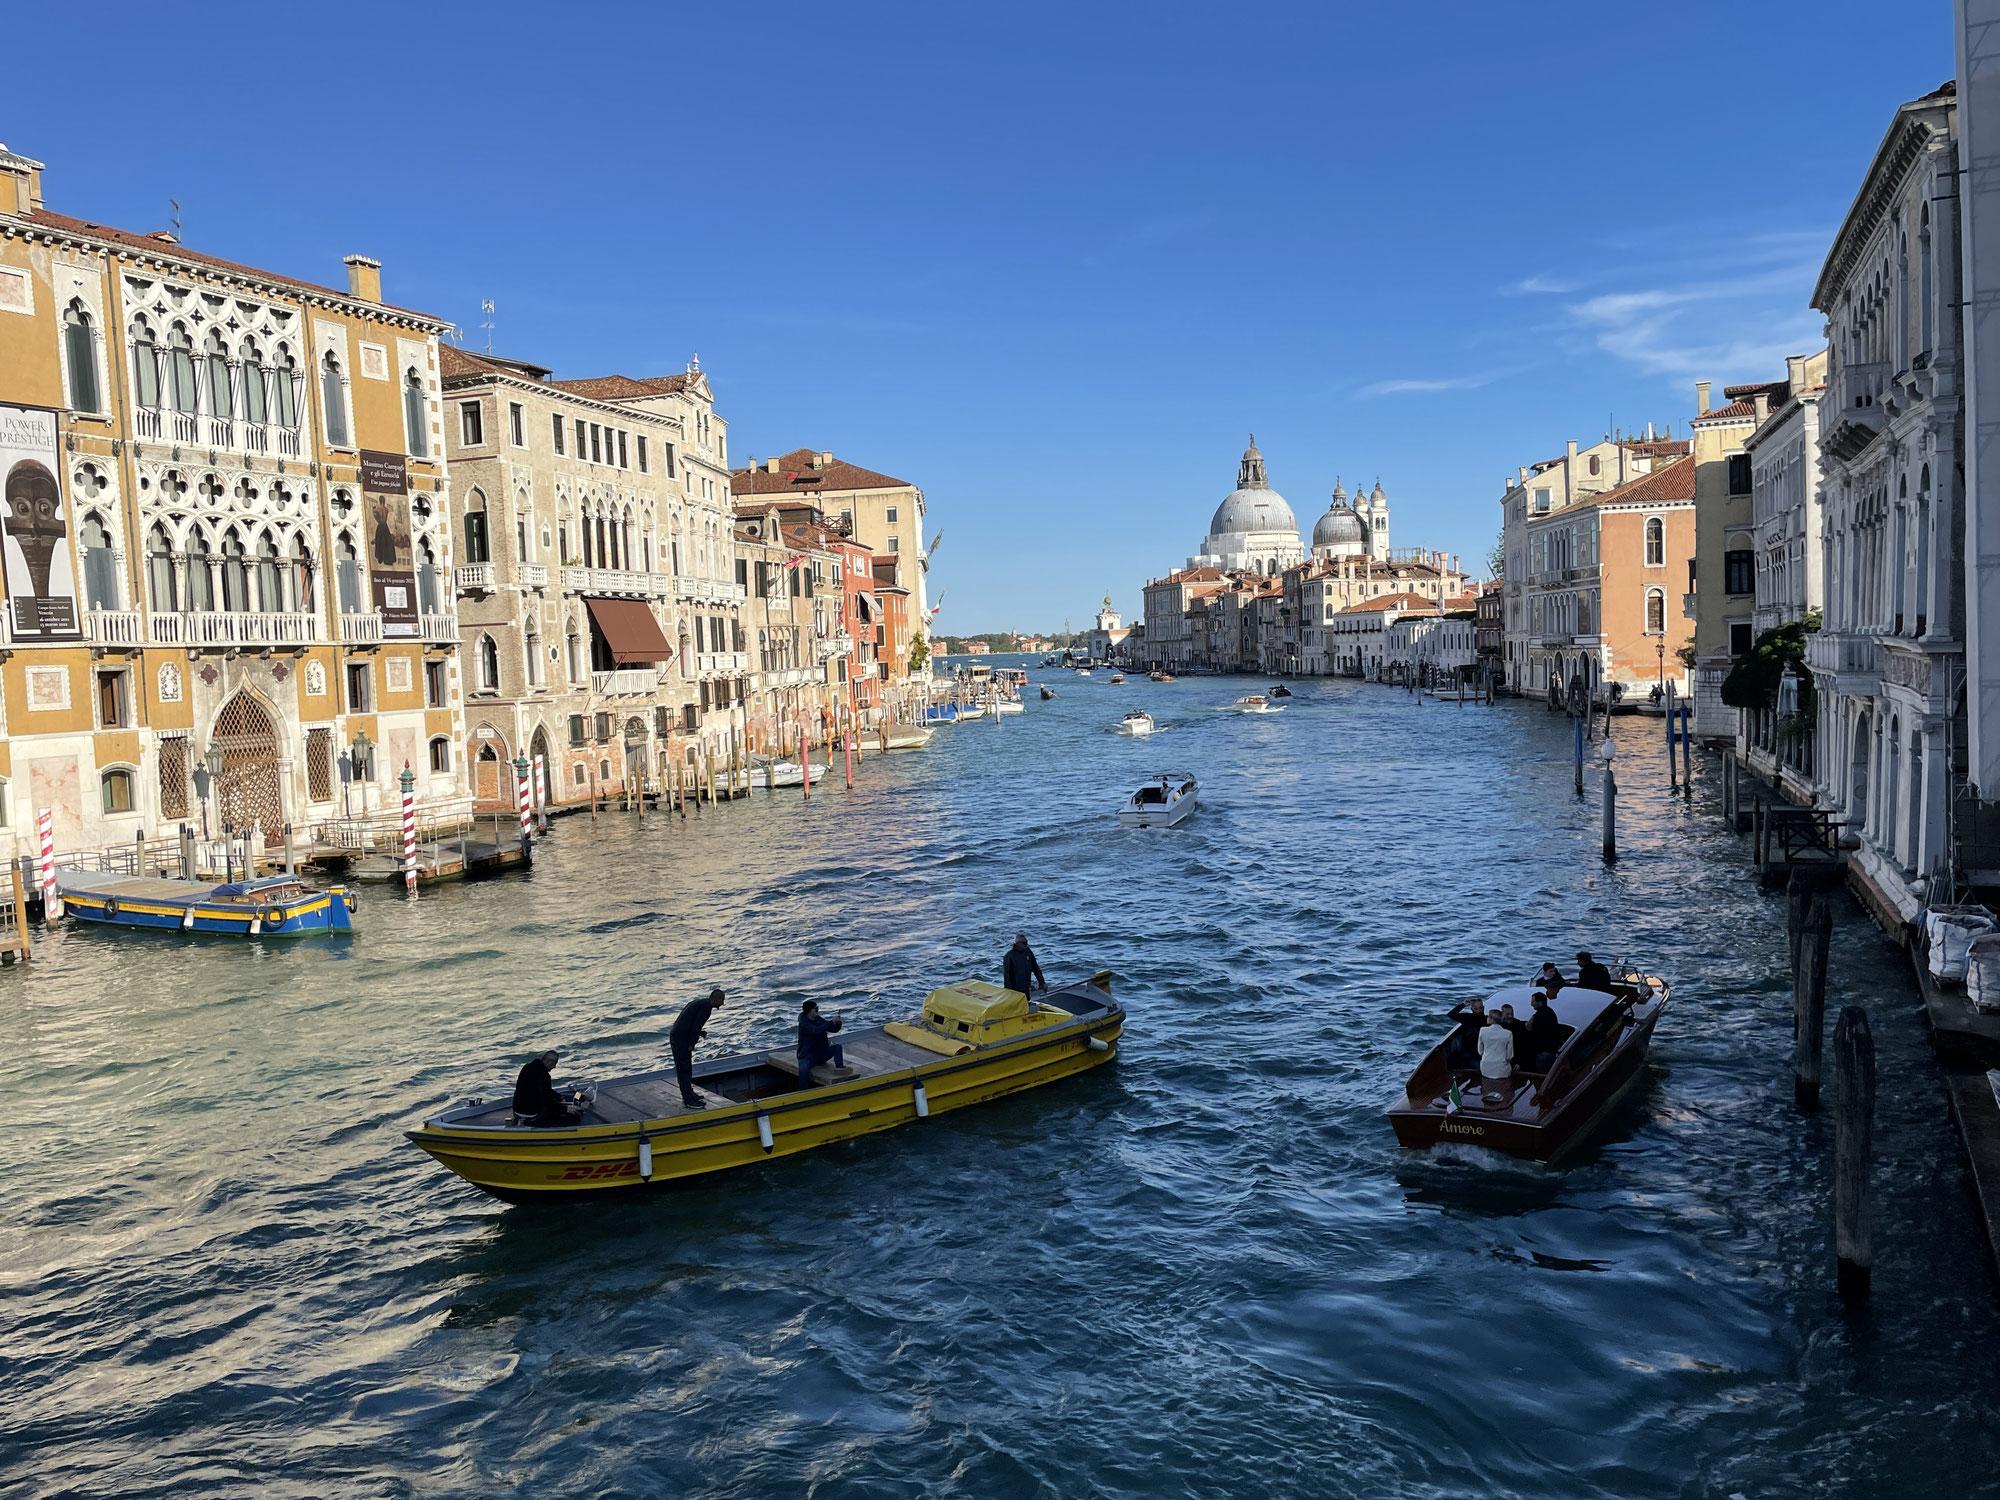 Tag 5 Gondelfahrt, Mercato di Rialto, Dachterasse und durchs San Polo